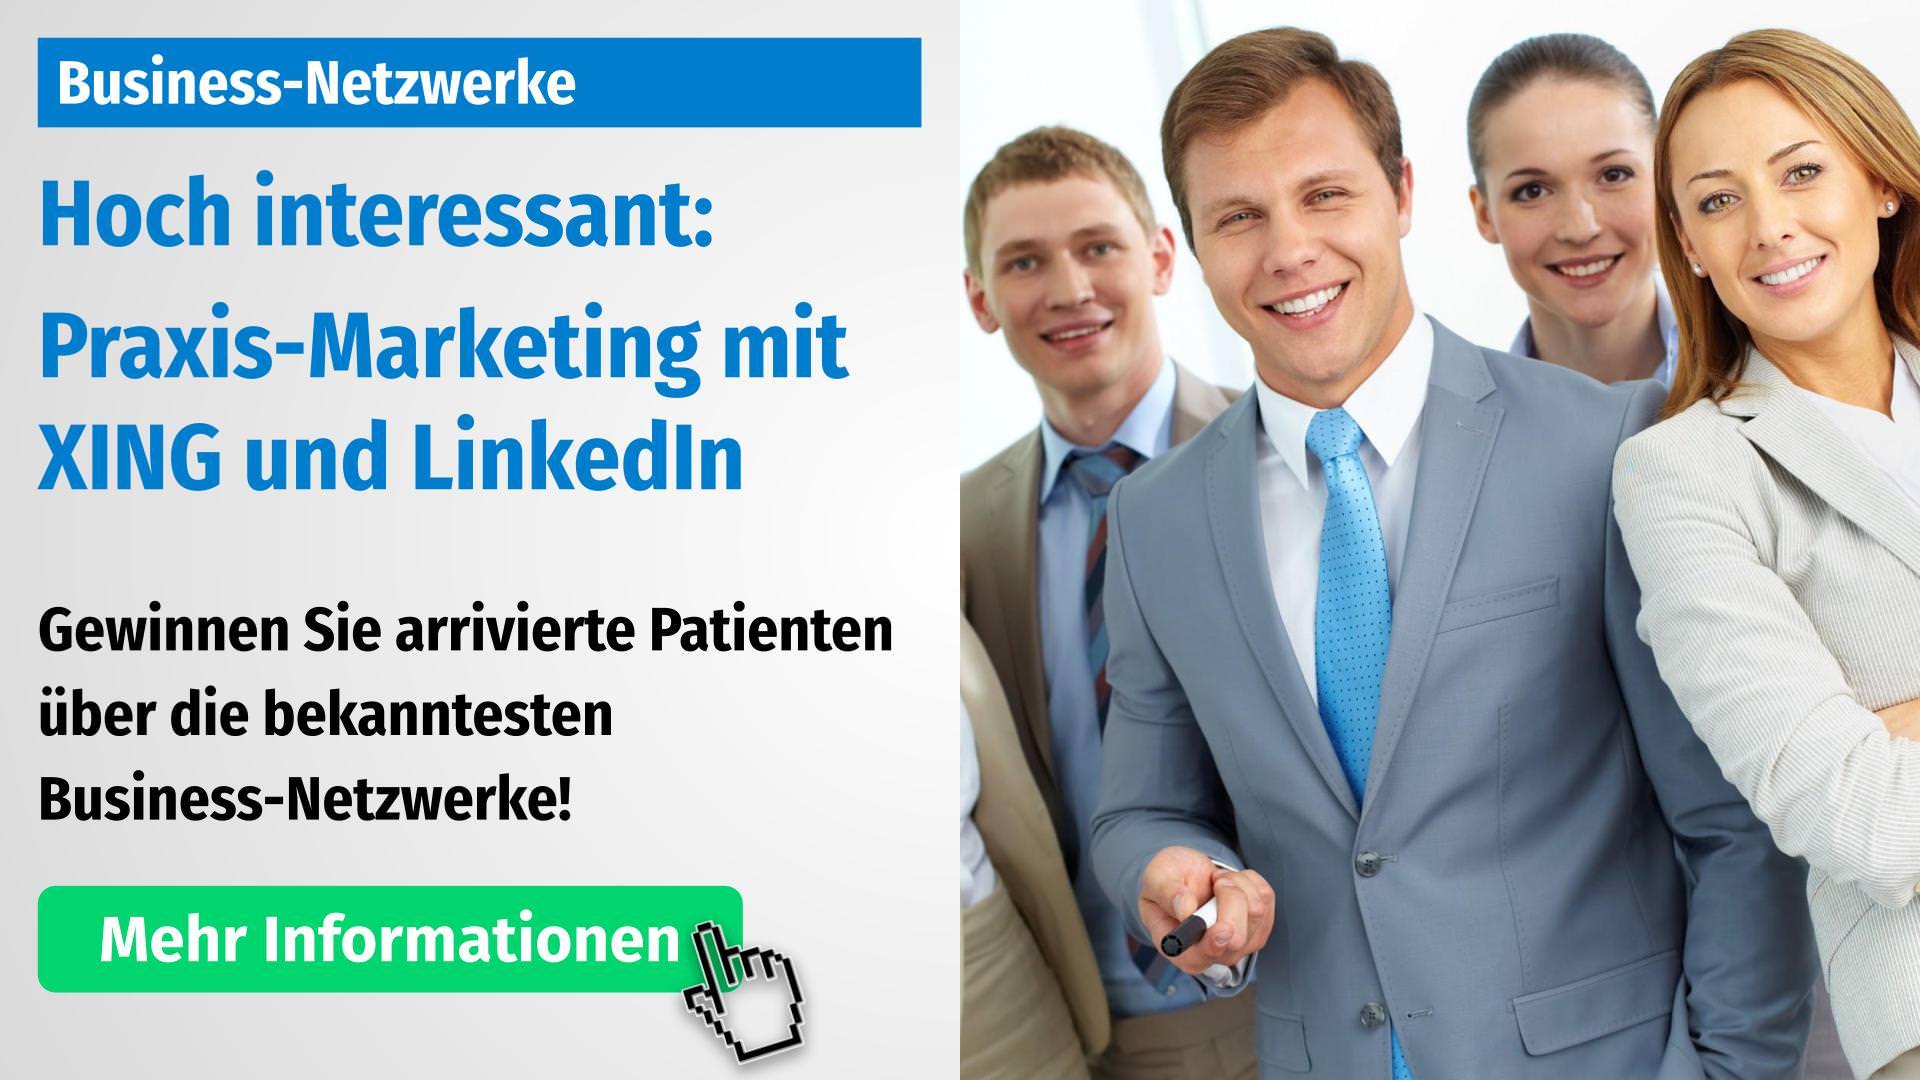 Praxis-Marketing auf Business-Netzwerken wie XING und LinkedIn